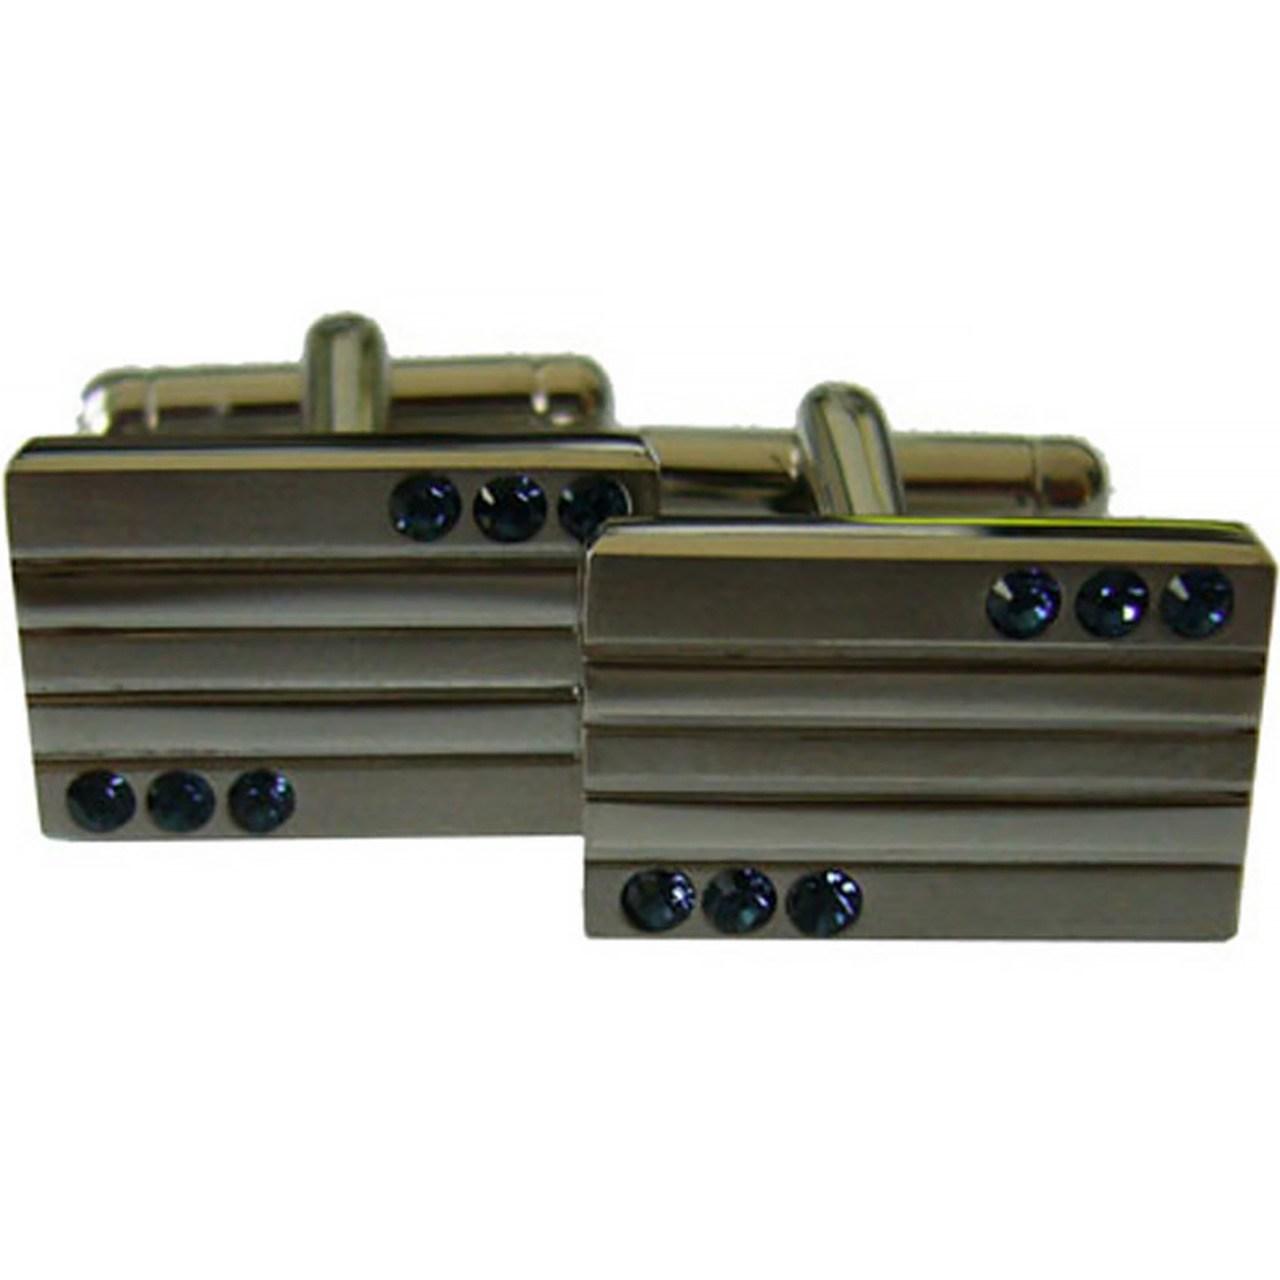 دکمه سر دست الیور وبر مدل 68509-207 Change Crystal